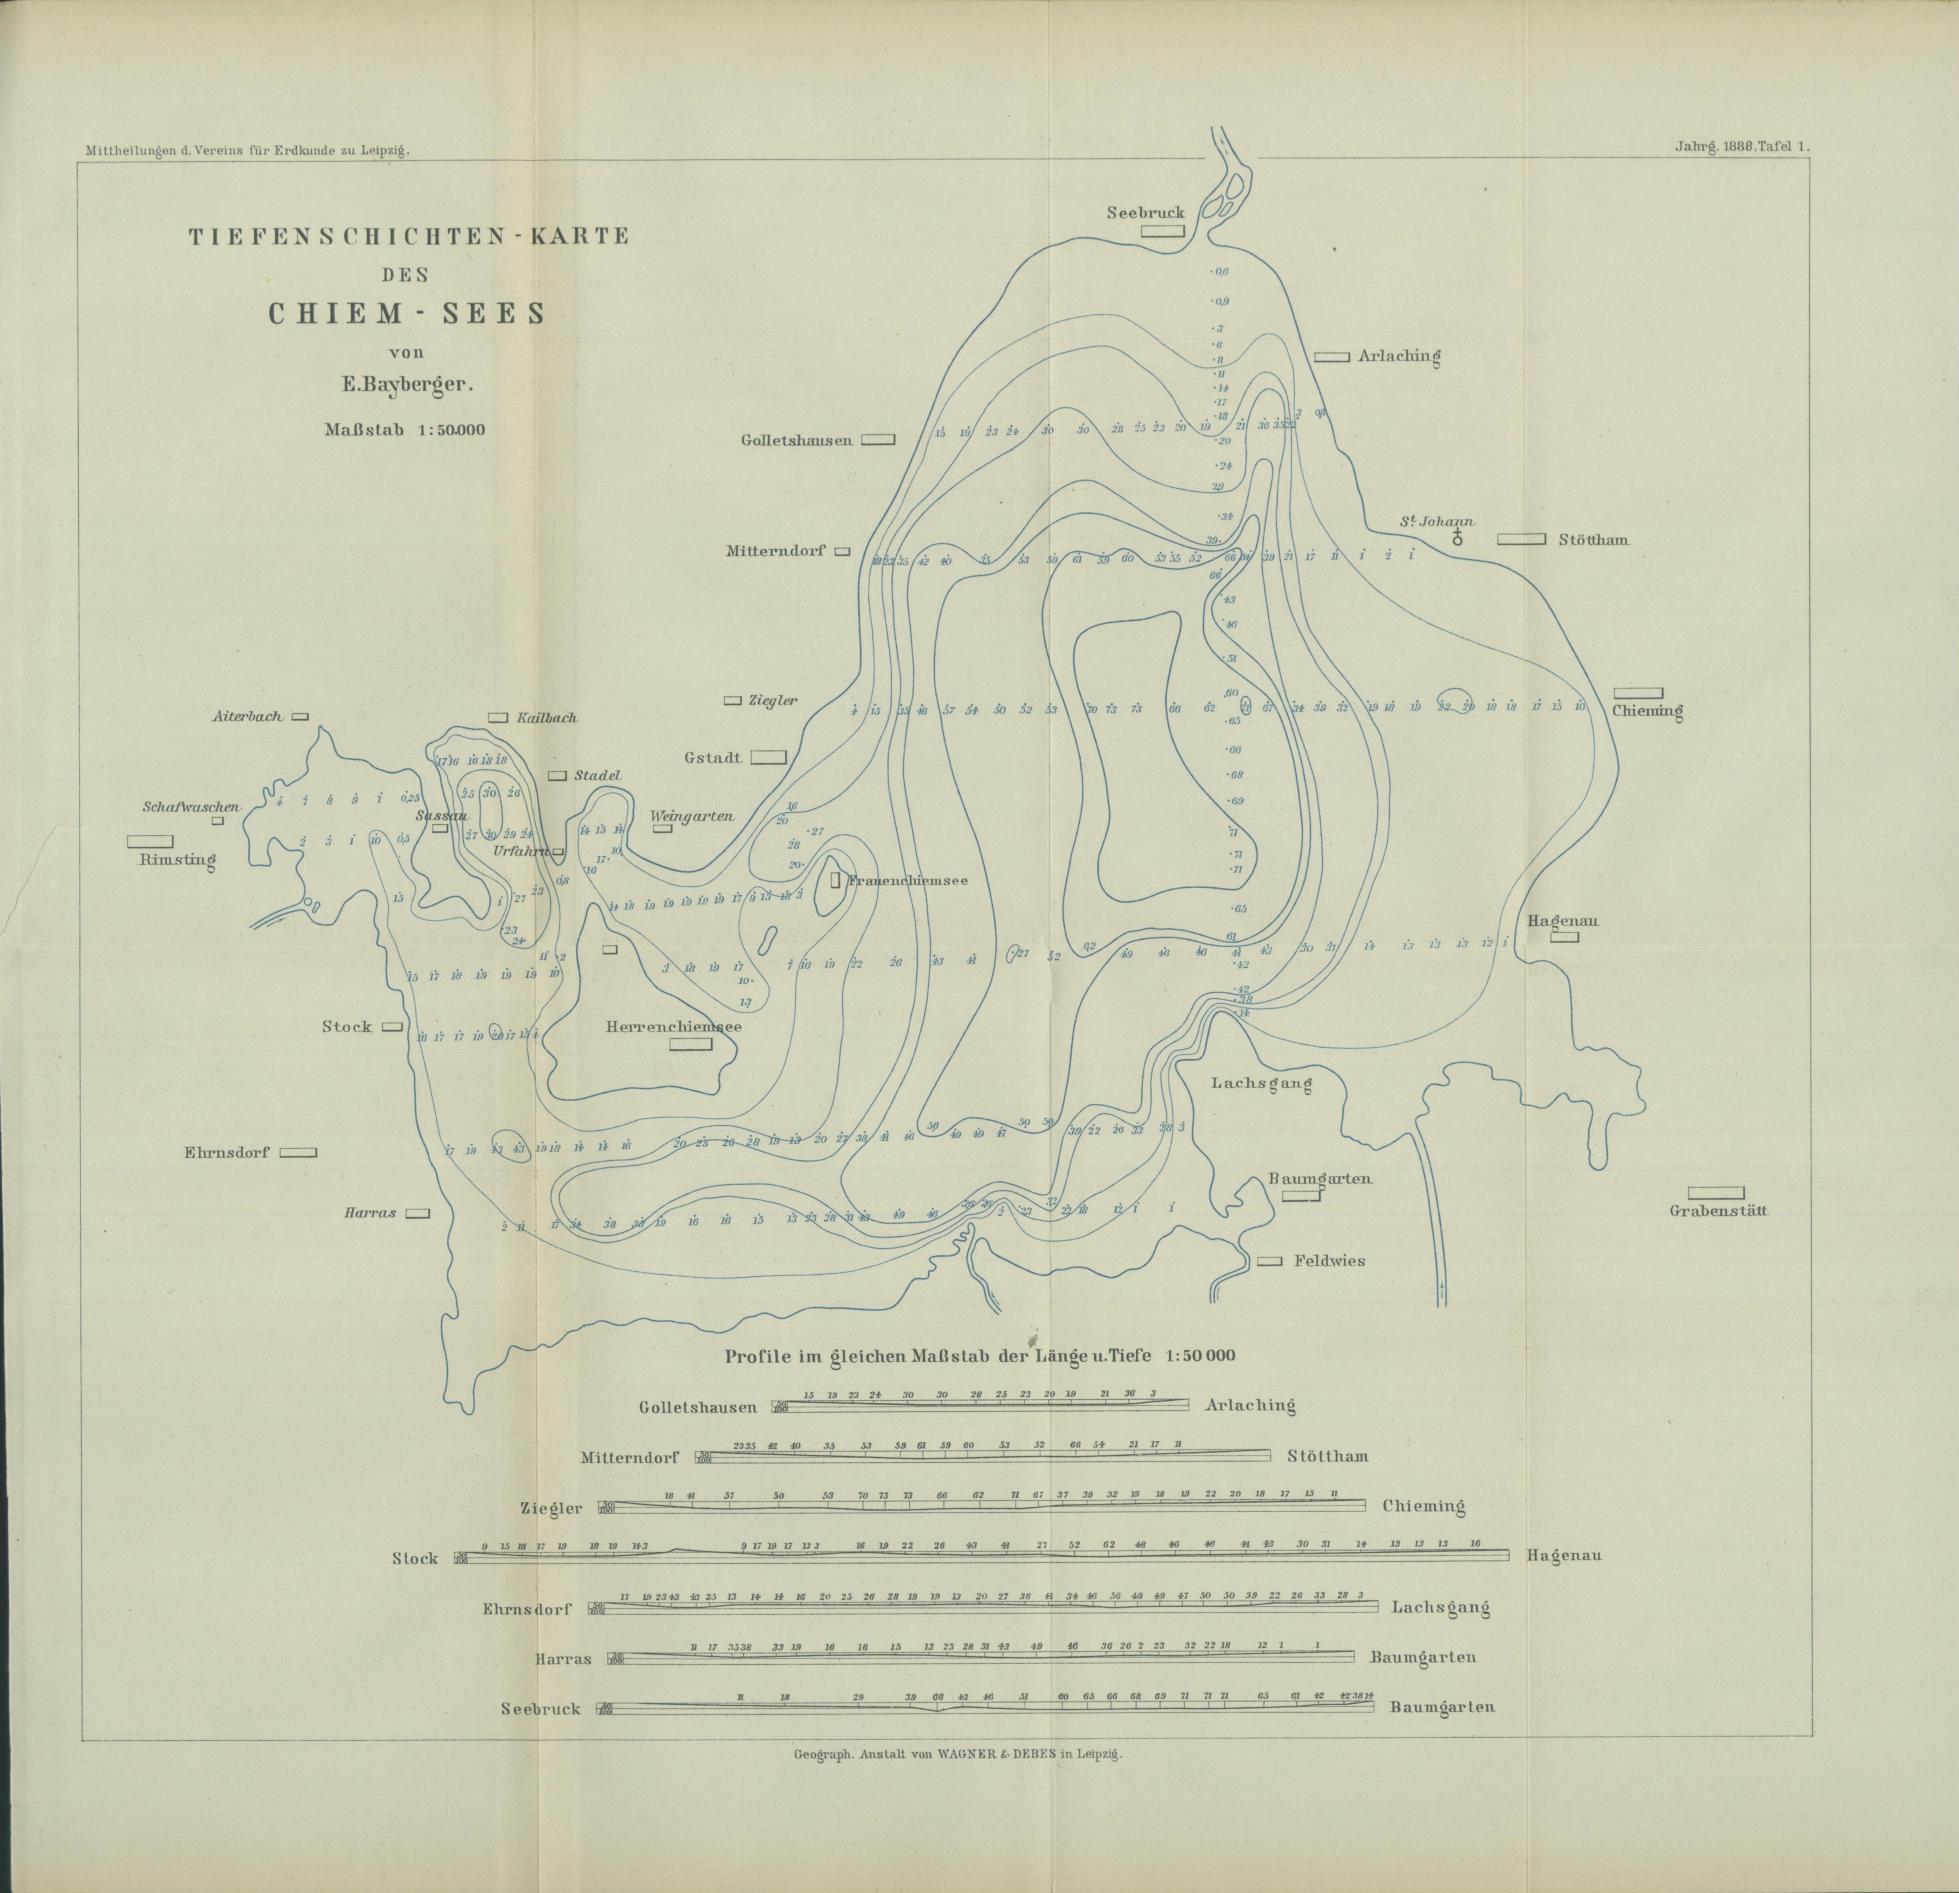 Chiemsee Karte.Datei Chiemsee Karte Tiefen Jpg Wikipedia